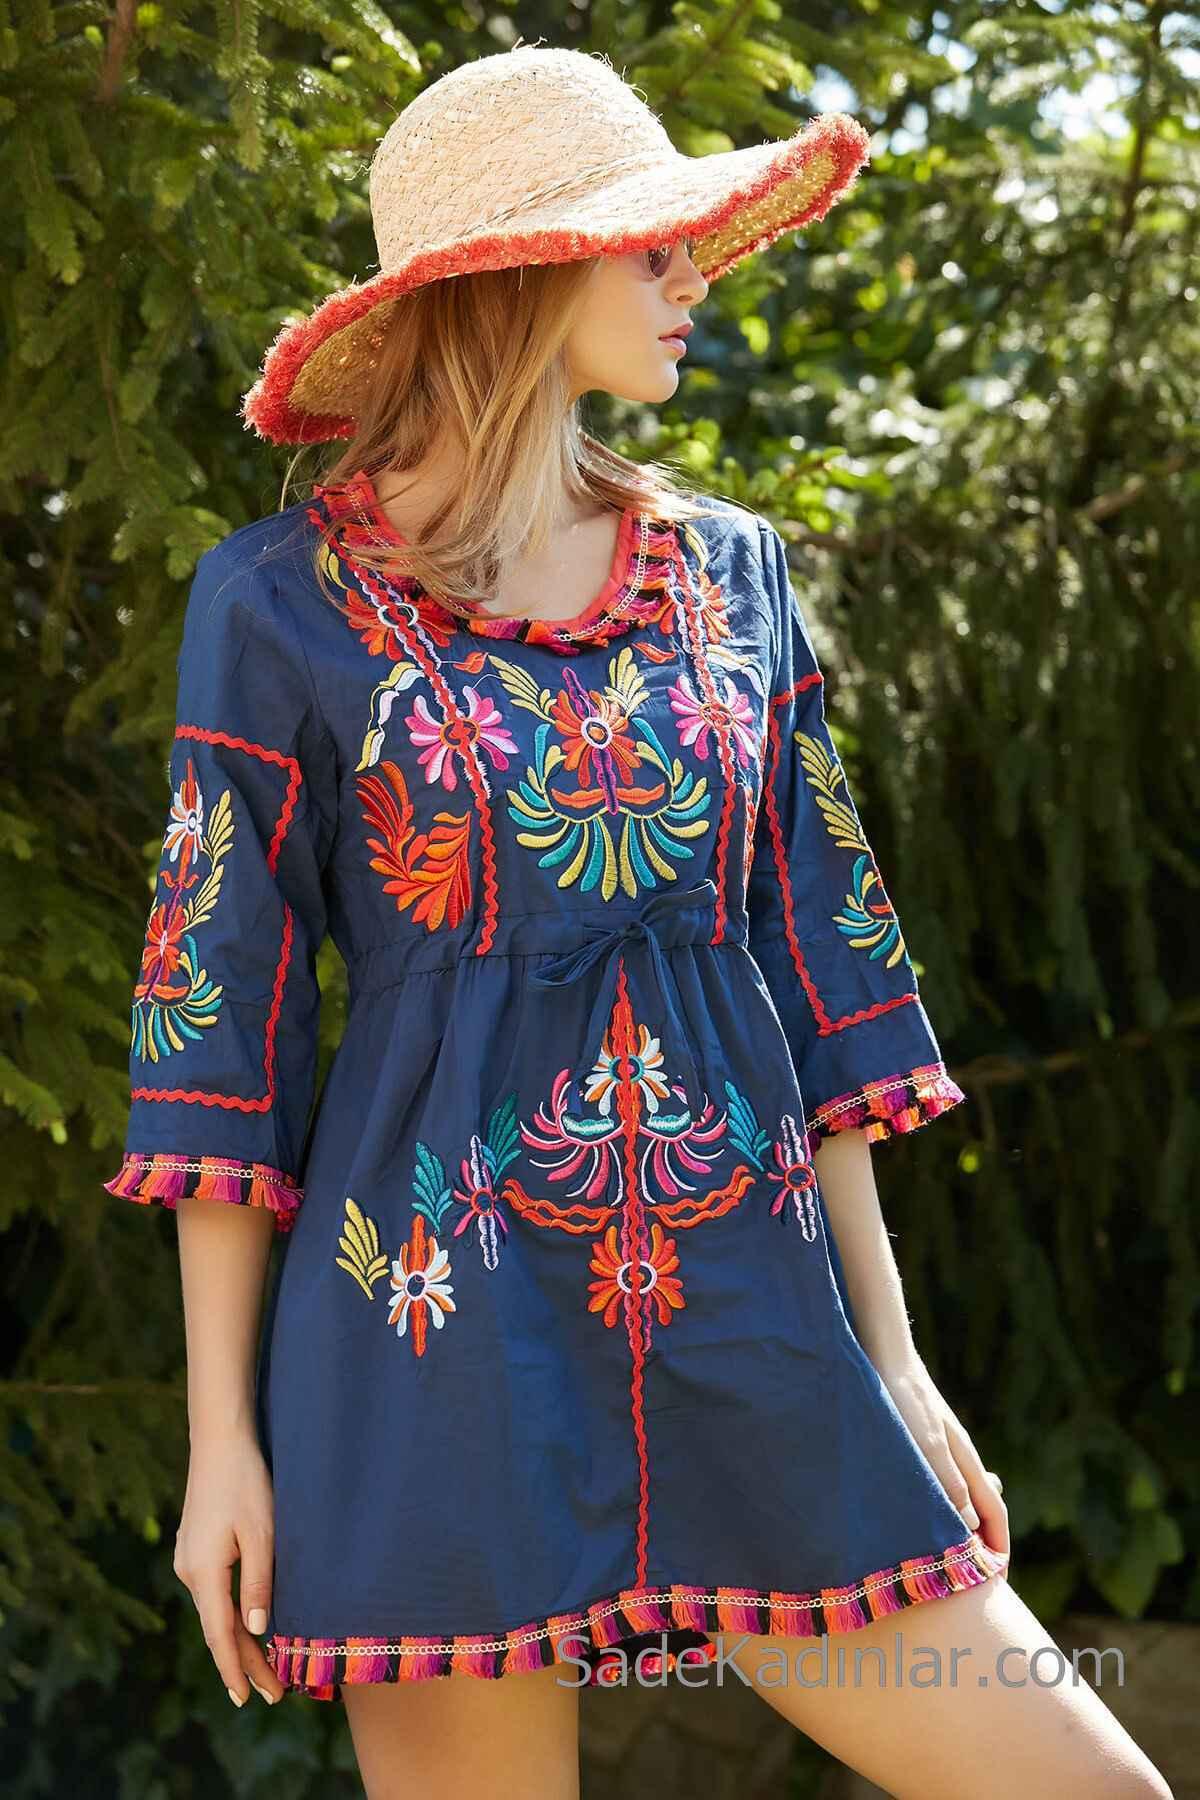 Bohem Elbise Modelleri Lacivert Kısa Geniş Yaka Kısa Kol Püskül Detaylı